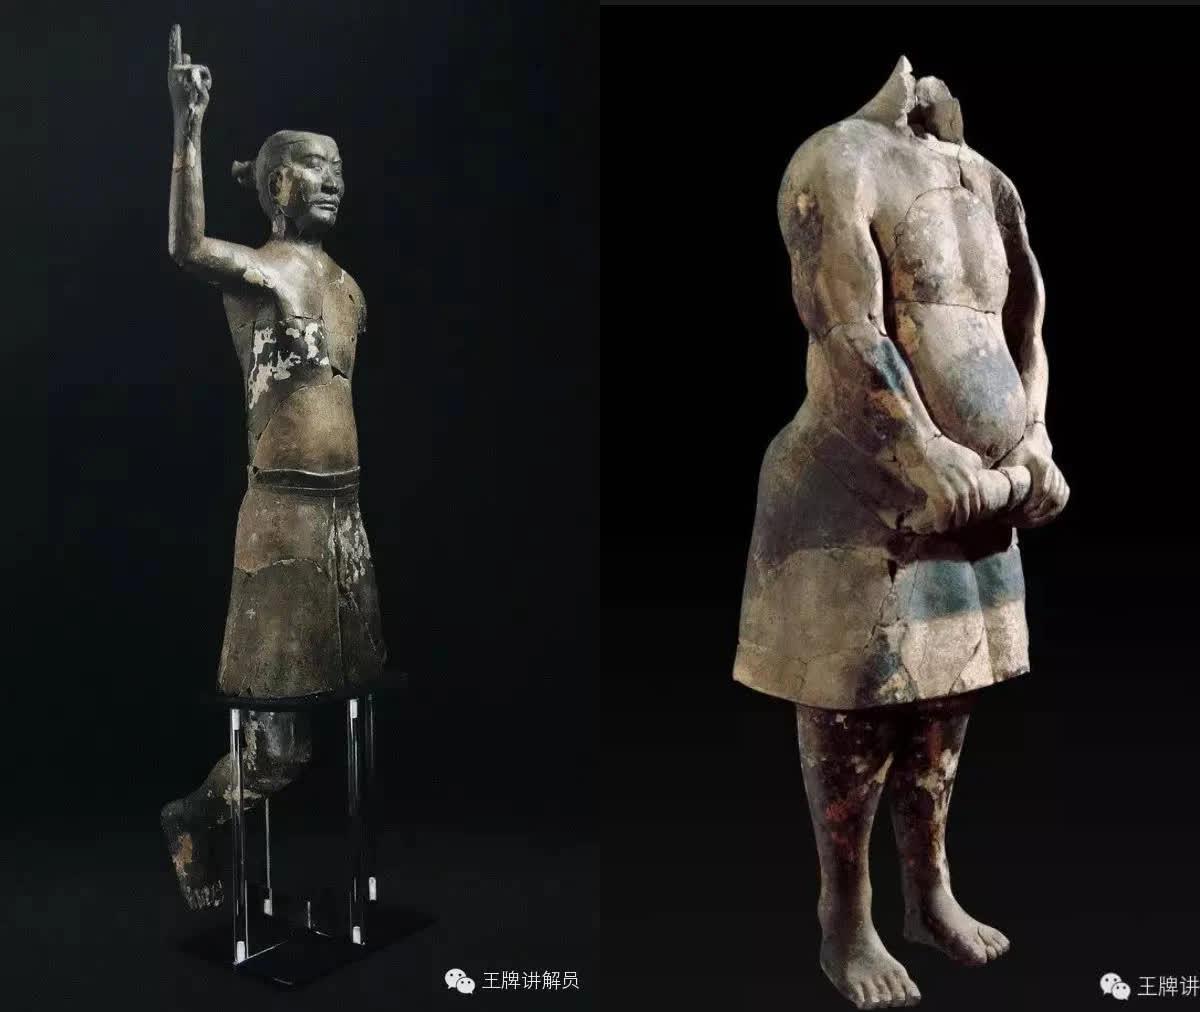 Ngoài chiến binh đất nung, có tới 180 hố chôn từng được khai quật trong lăng mộ Tần Thủy Hoàng - Chúng chôn vùi những kho báu nào? - Ảnh 6.